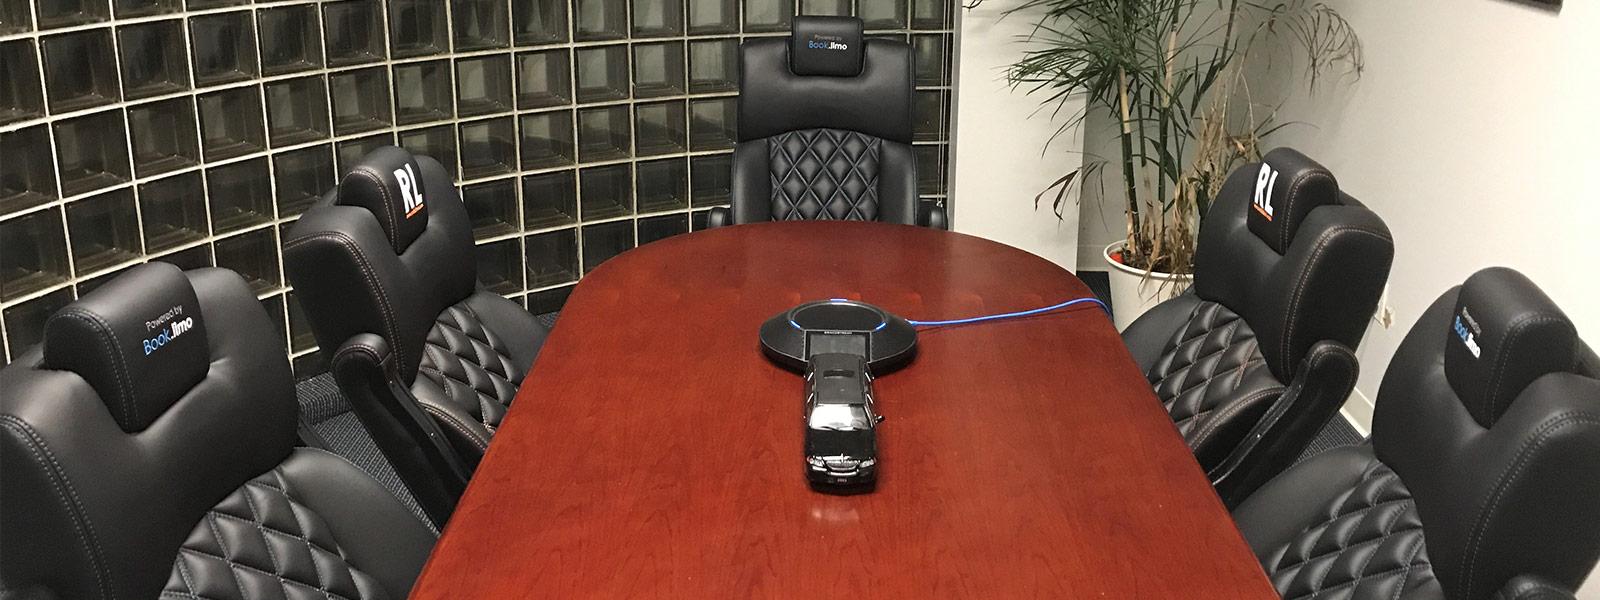 slider-rental-limo-executive-seating